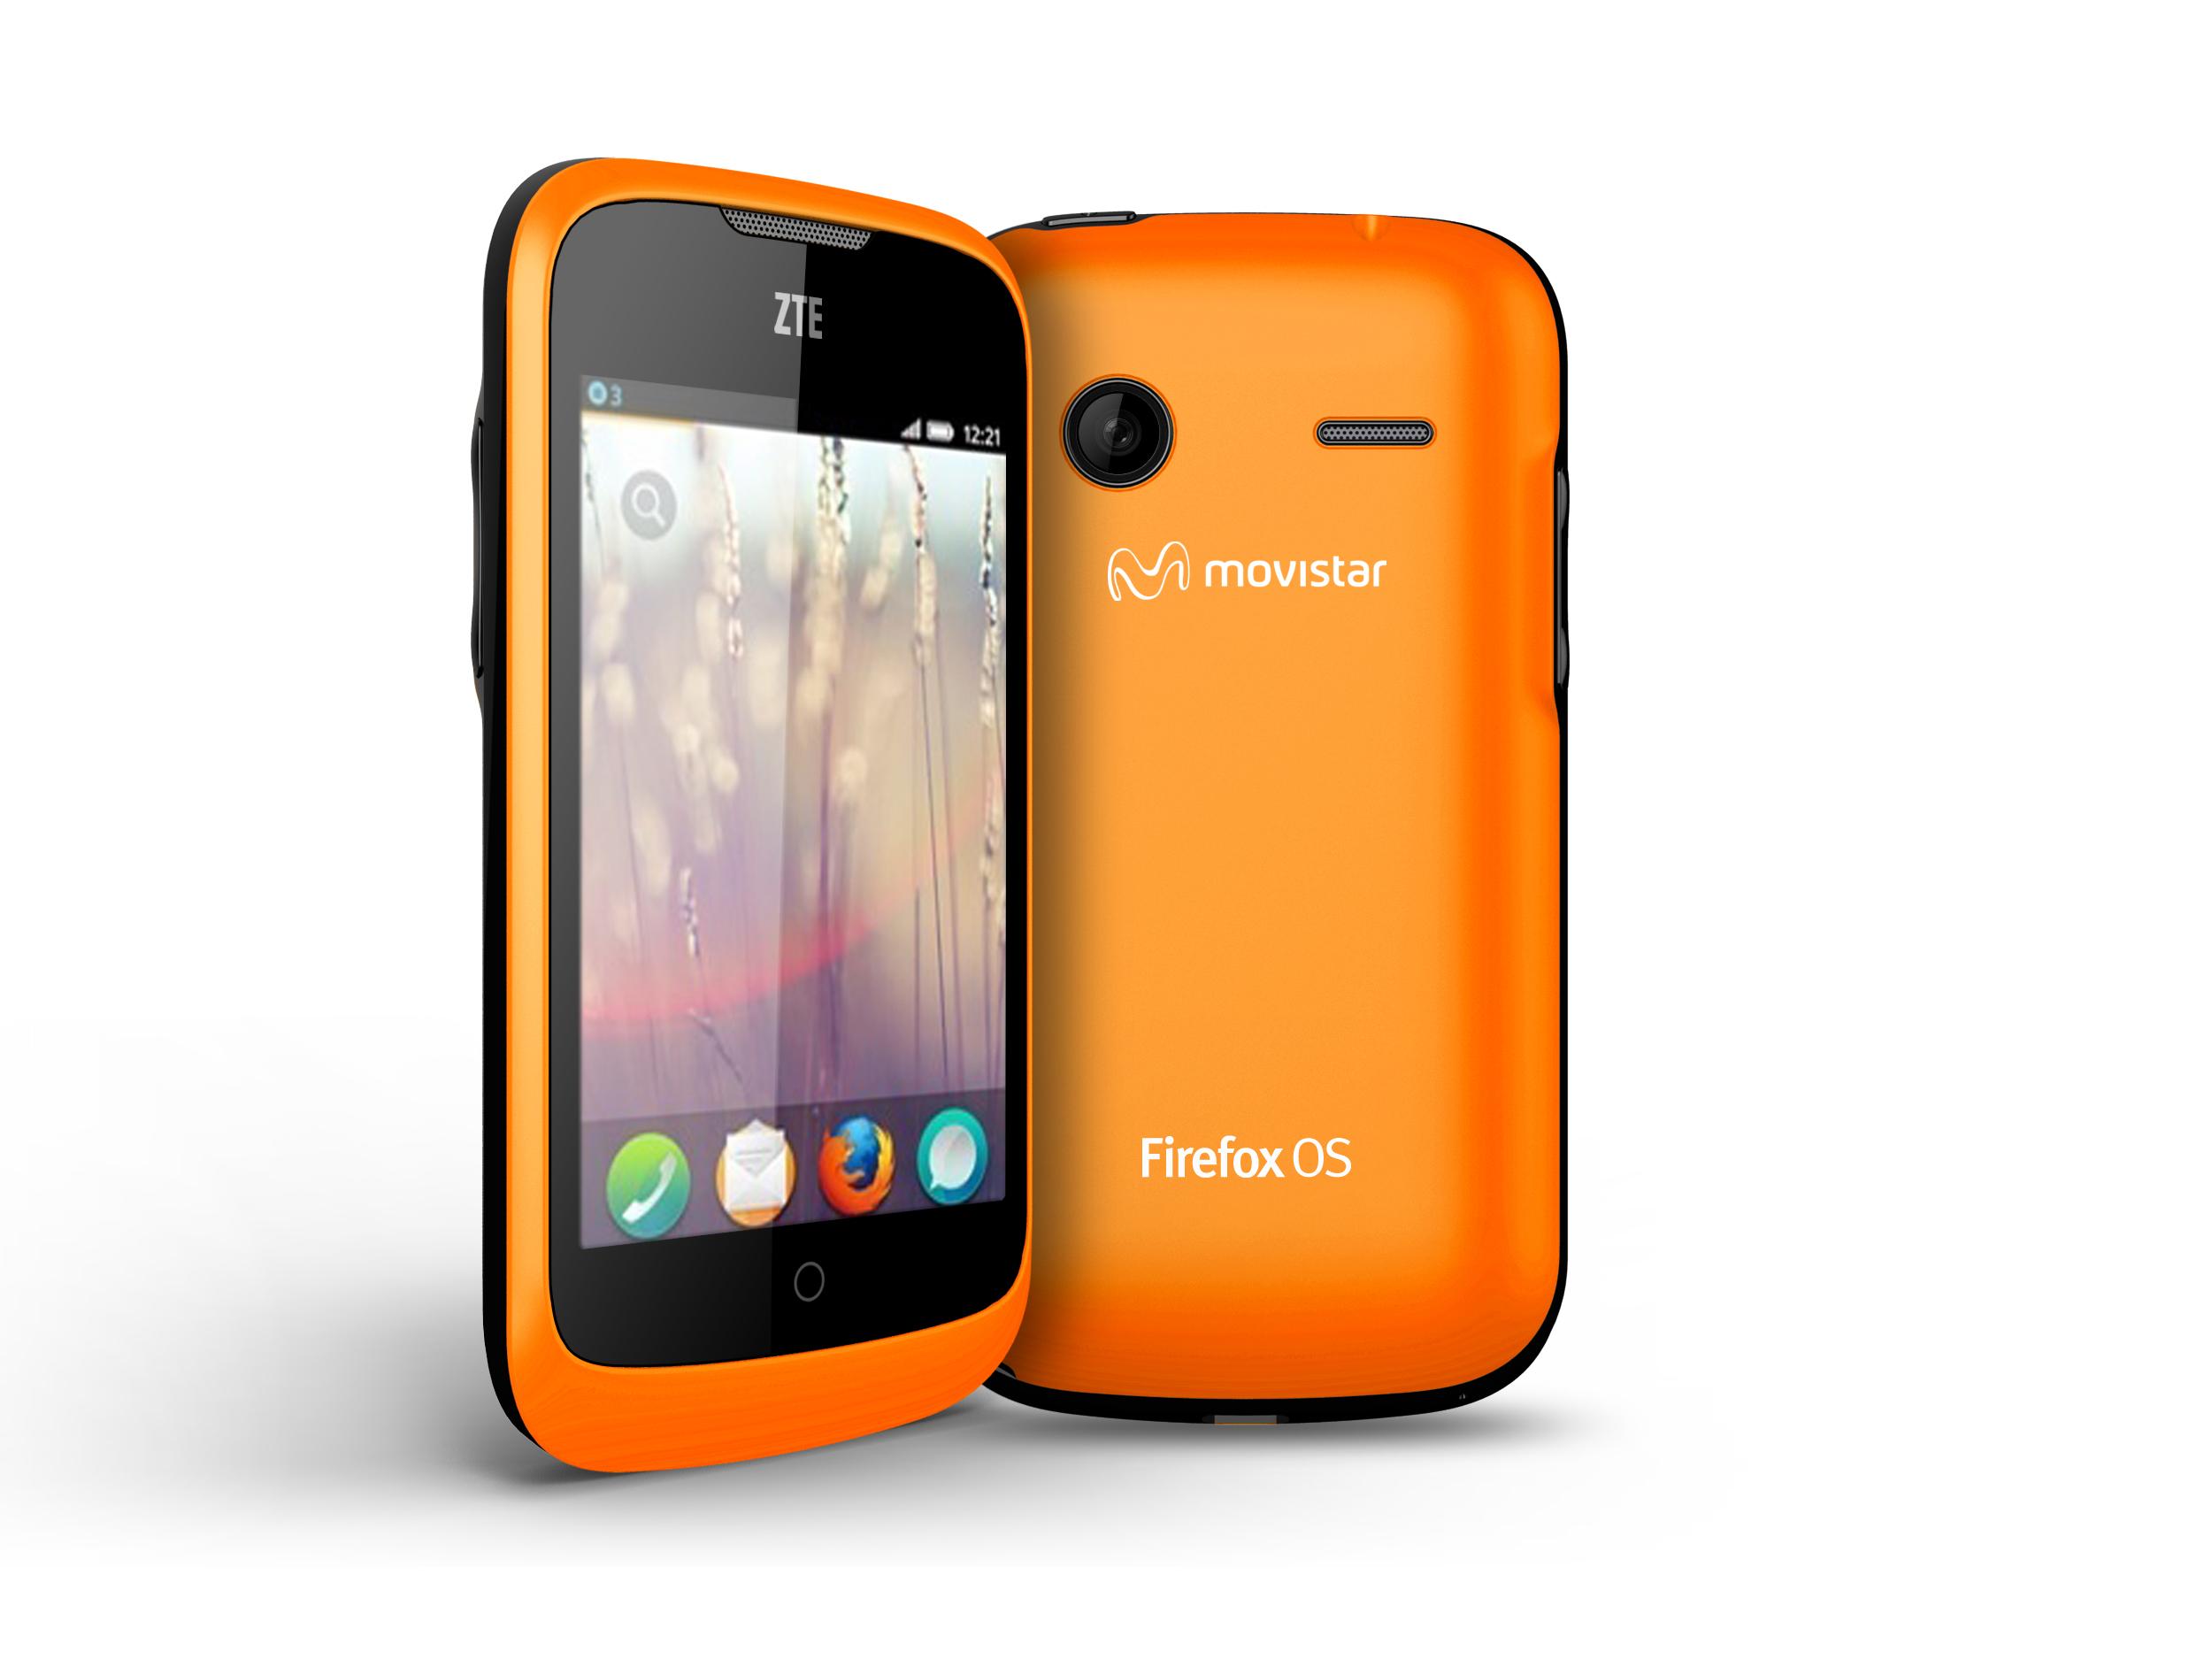 ZTE-Smartphone mit Firefox OS von Mozilla